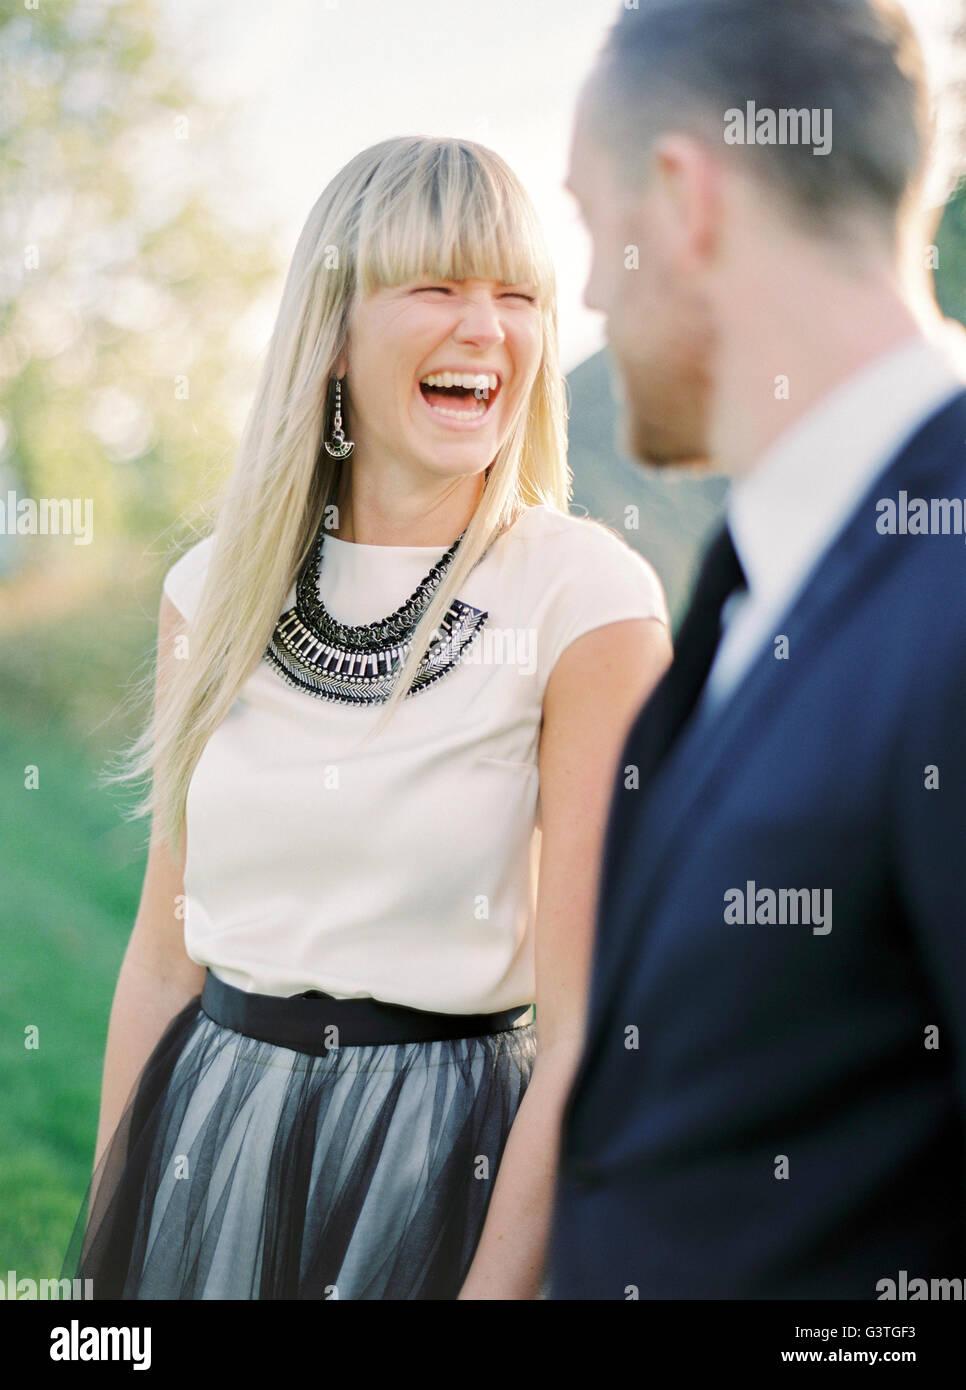 Suecia, Retrato de reírse de la novia y el novio Imagen De Stock